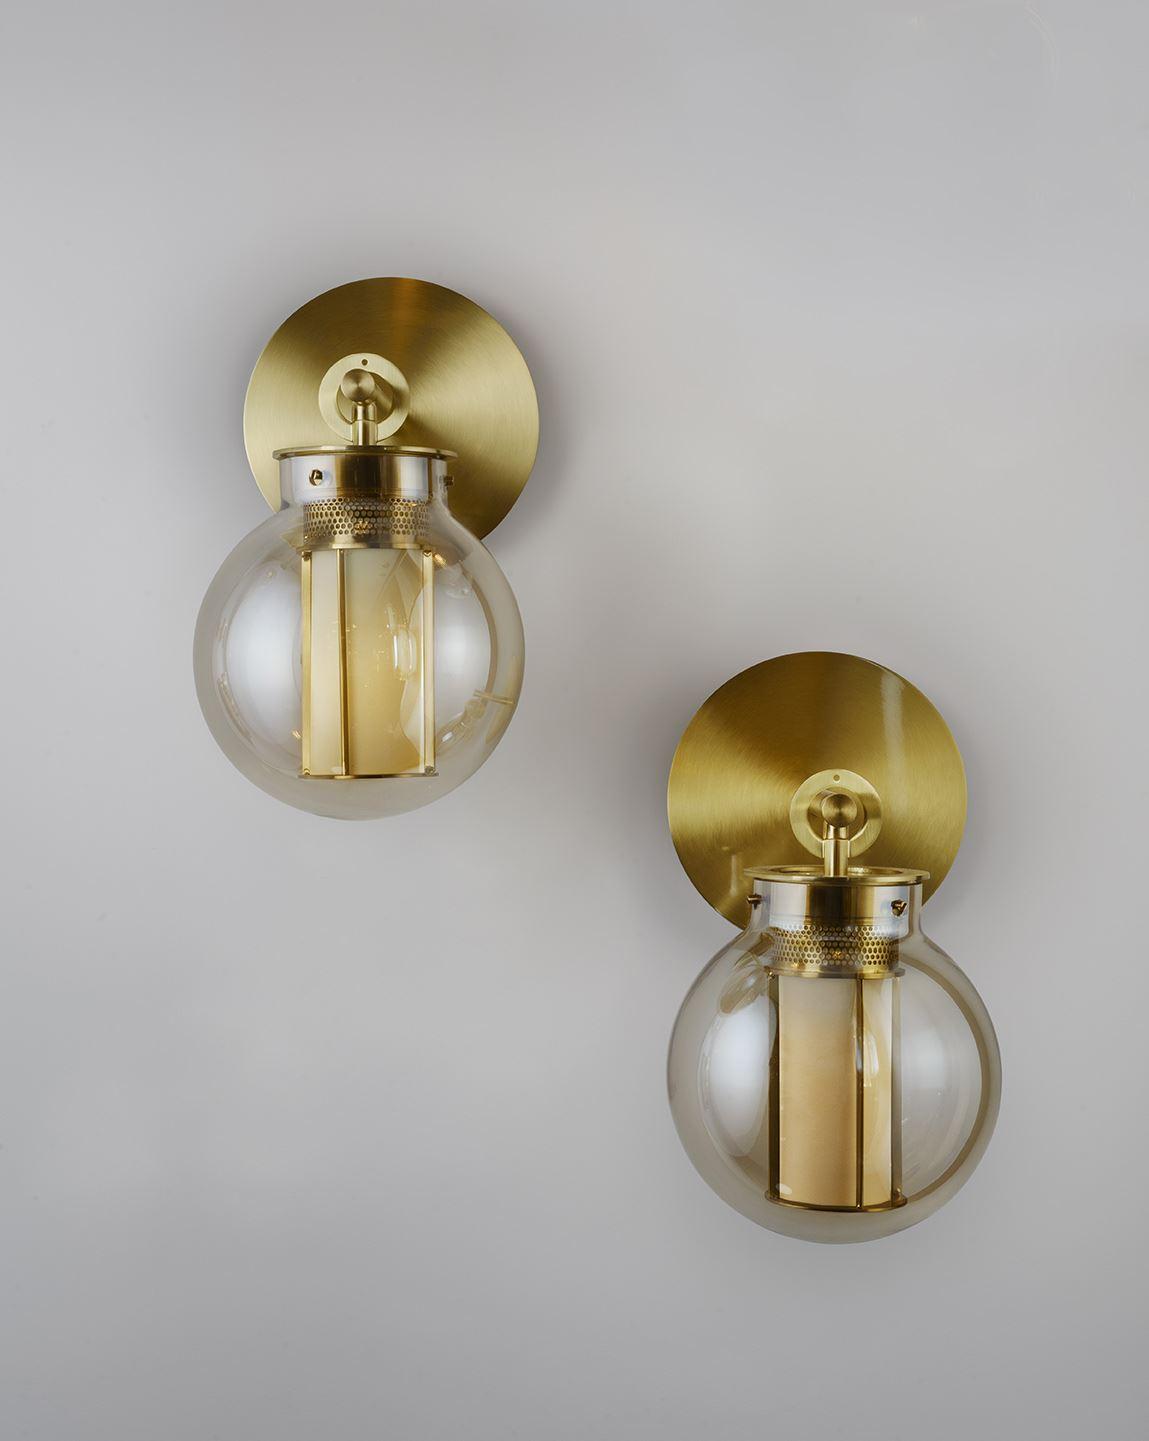 גופי תאורה בקטגוריית: מנורות קיר  ,שם המוצר: CANDELA